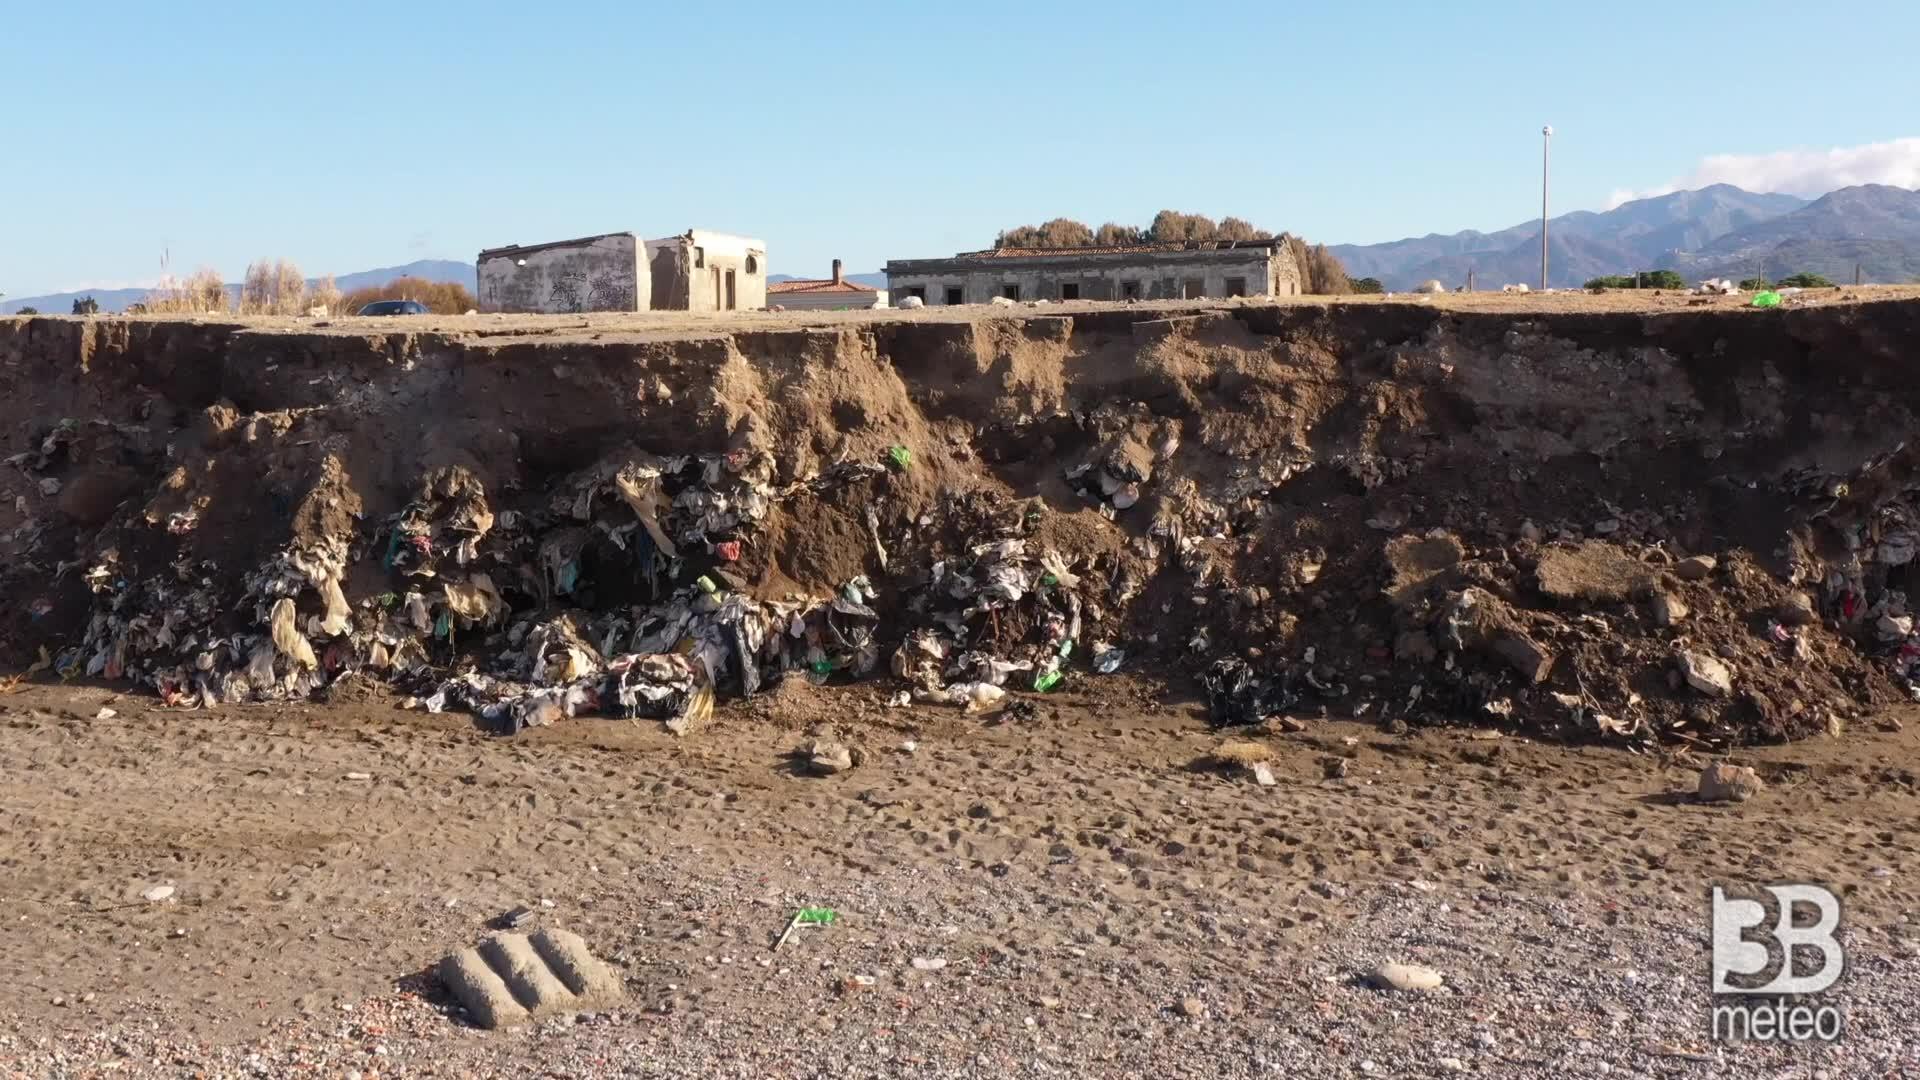 La discarica raggiunta dal mare: le immagini dal drone